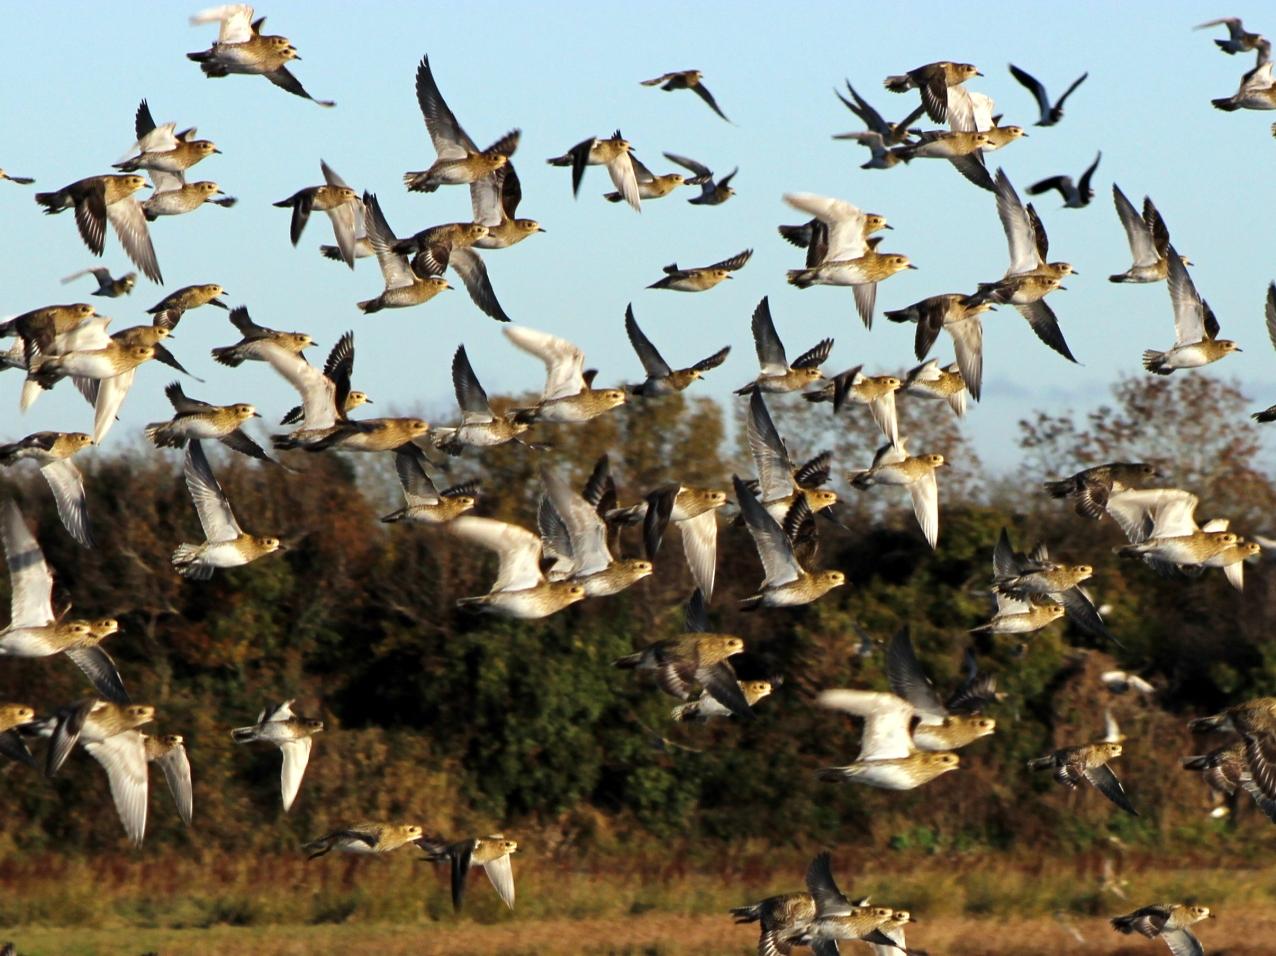 Flight of the Golden Plovers